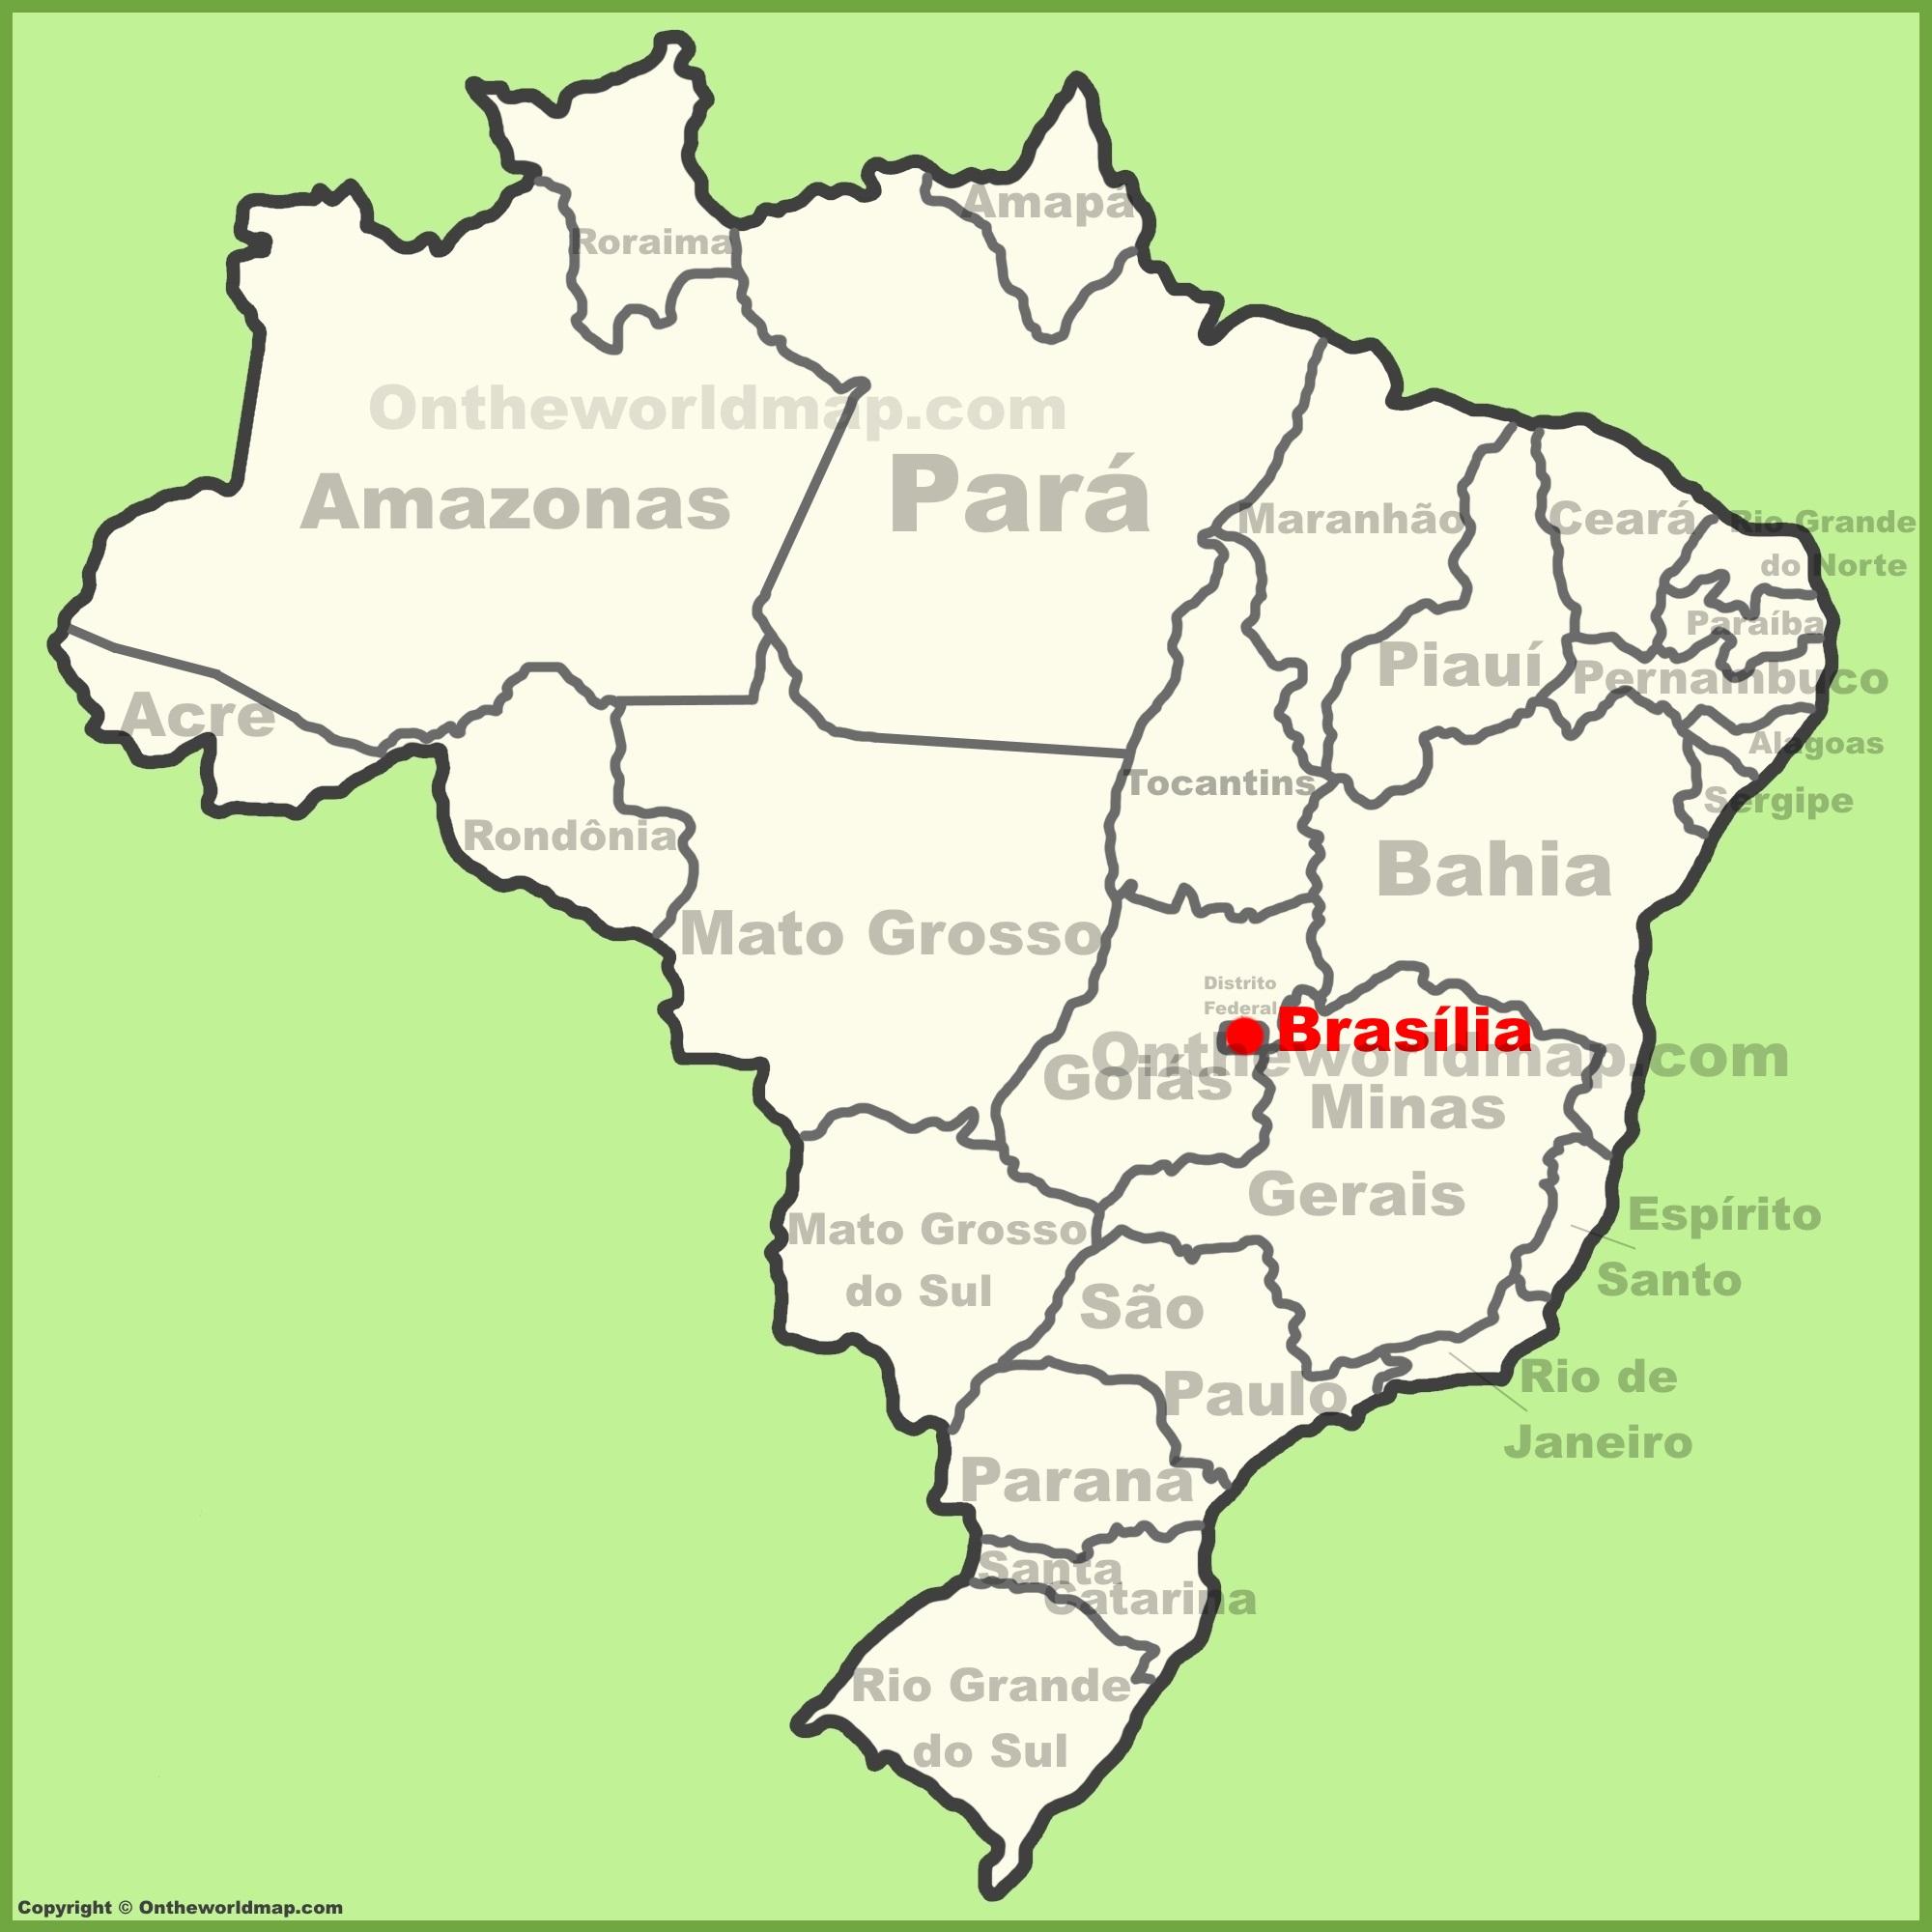 Brasilia Brazil Map Brasilia Maps | Brazil | Maps of Brasilia (Brasília) City